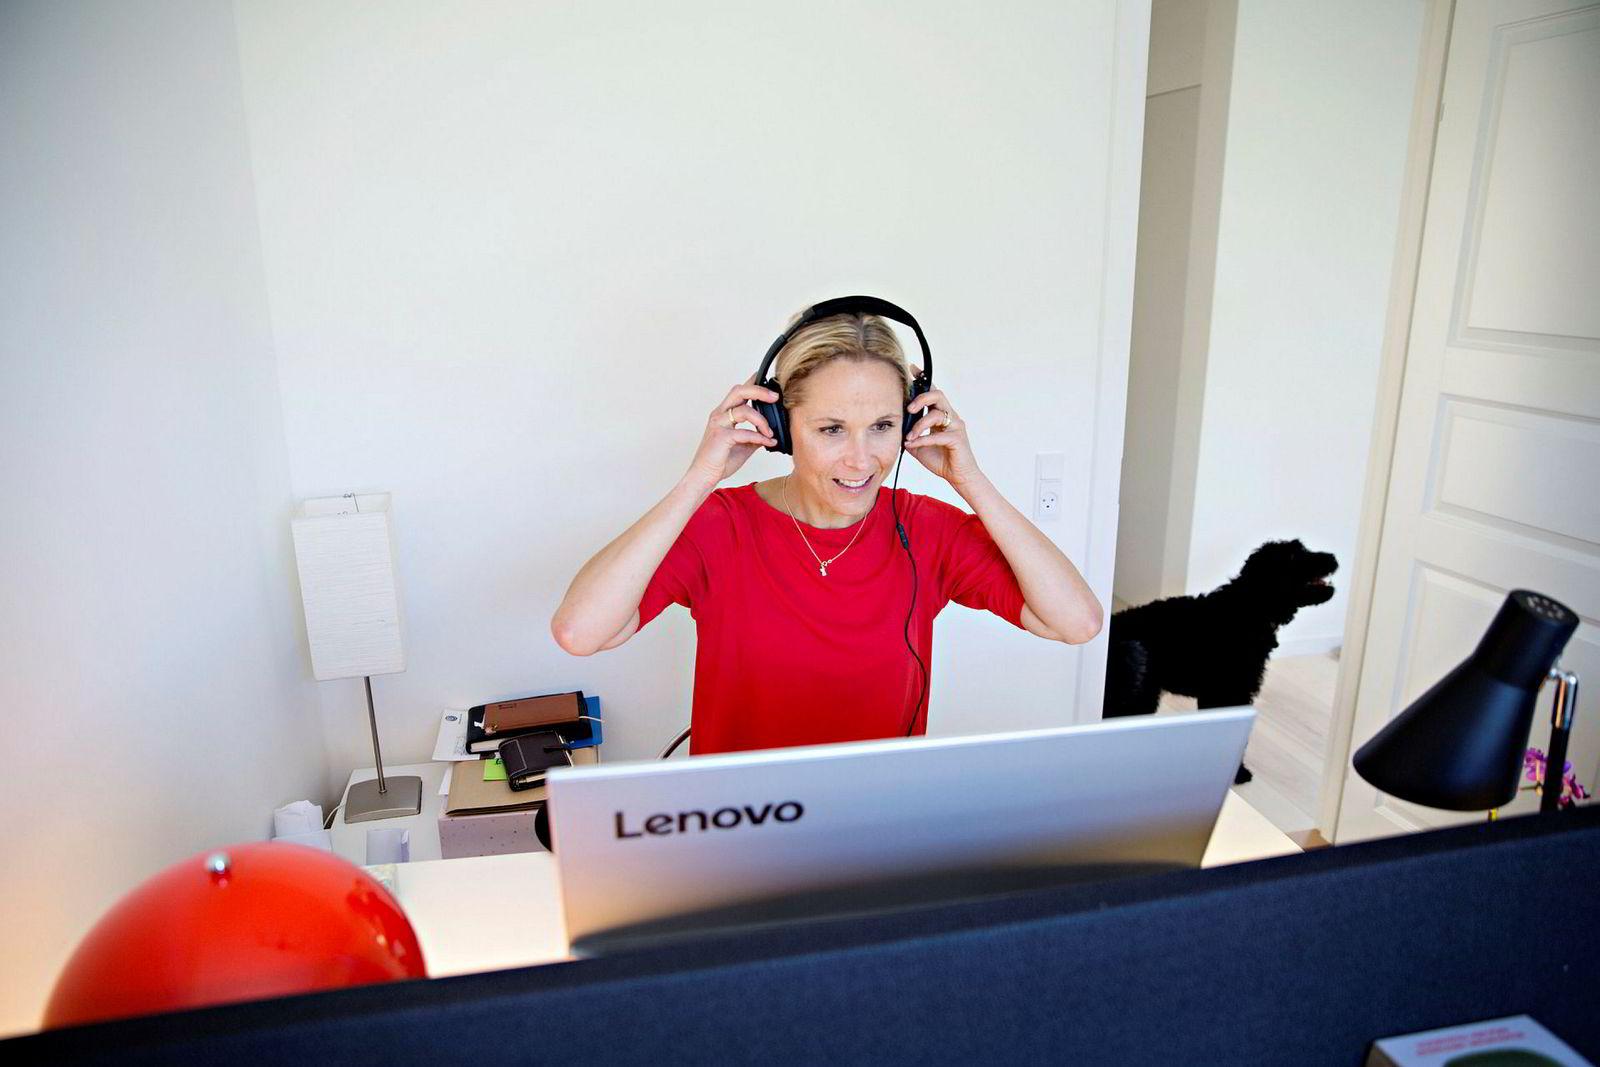 For å være effektiv når man jobber trengs det ro. Alle i familien har høretelefoner med lyddemper på. Kolding og mannen er begge frilansere og deler hjemmekontor.